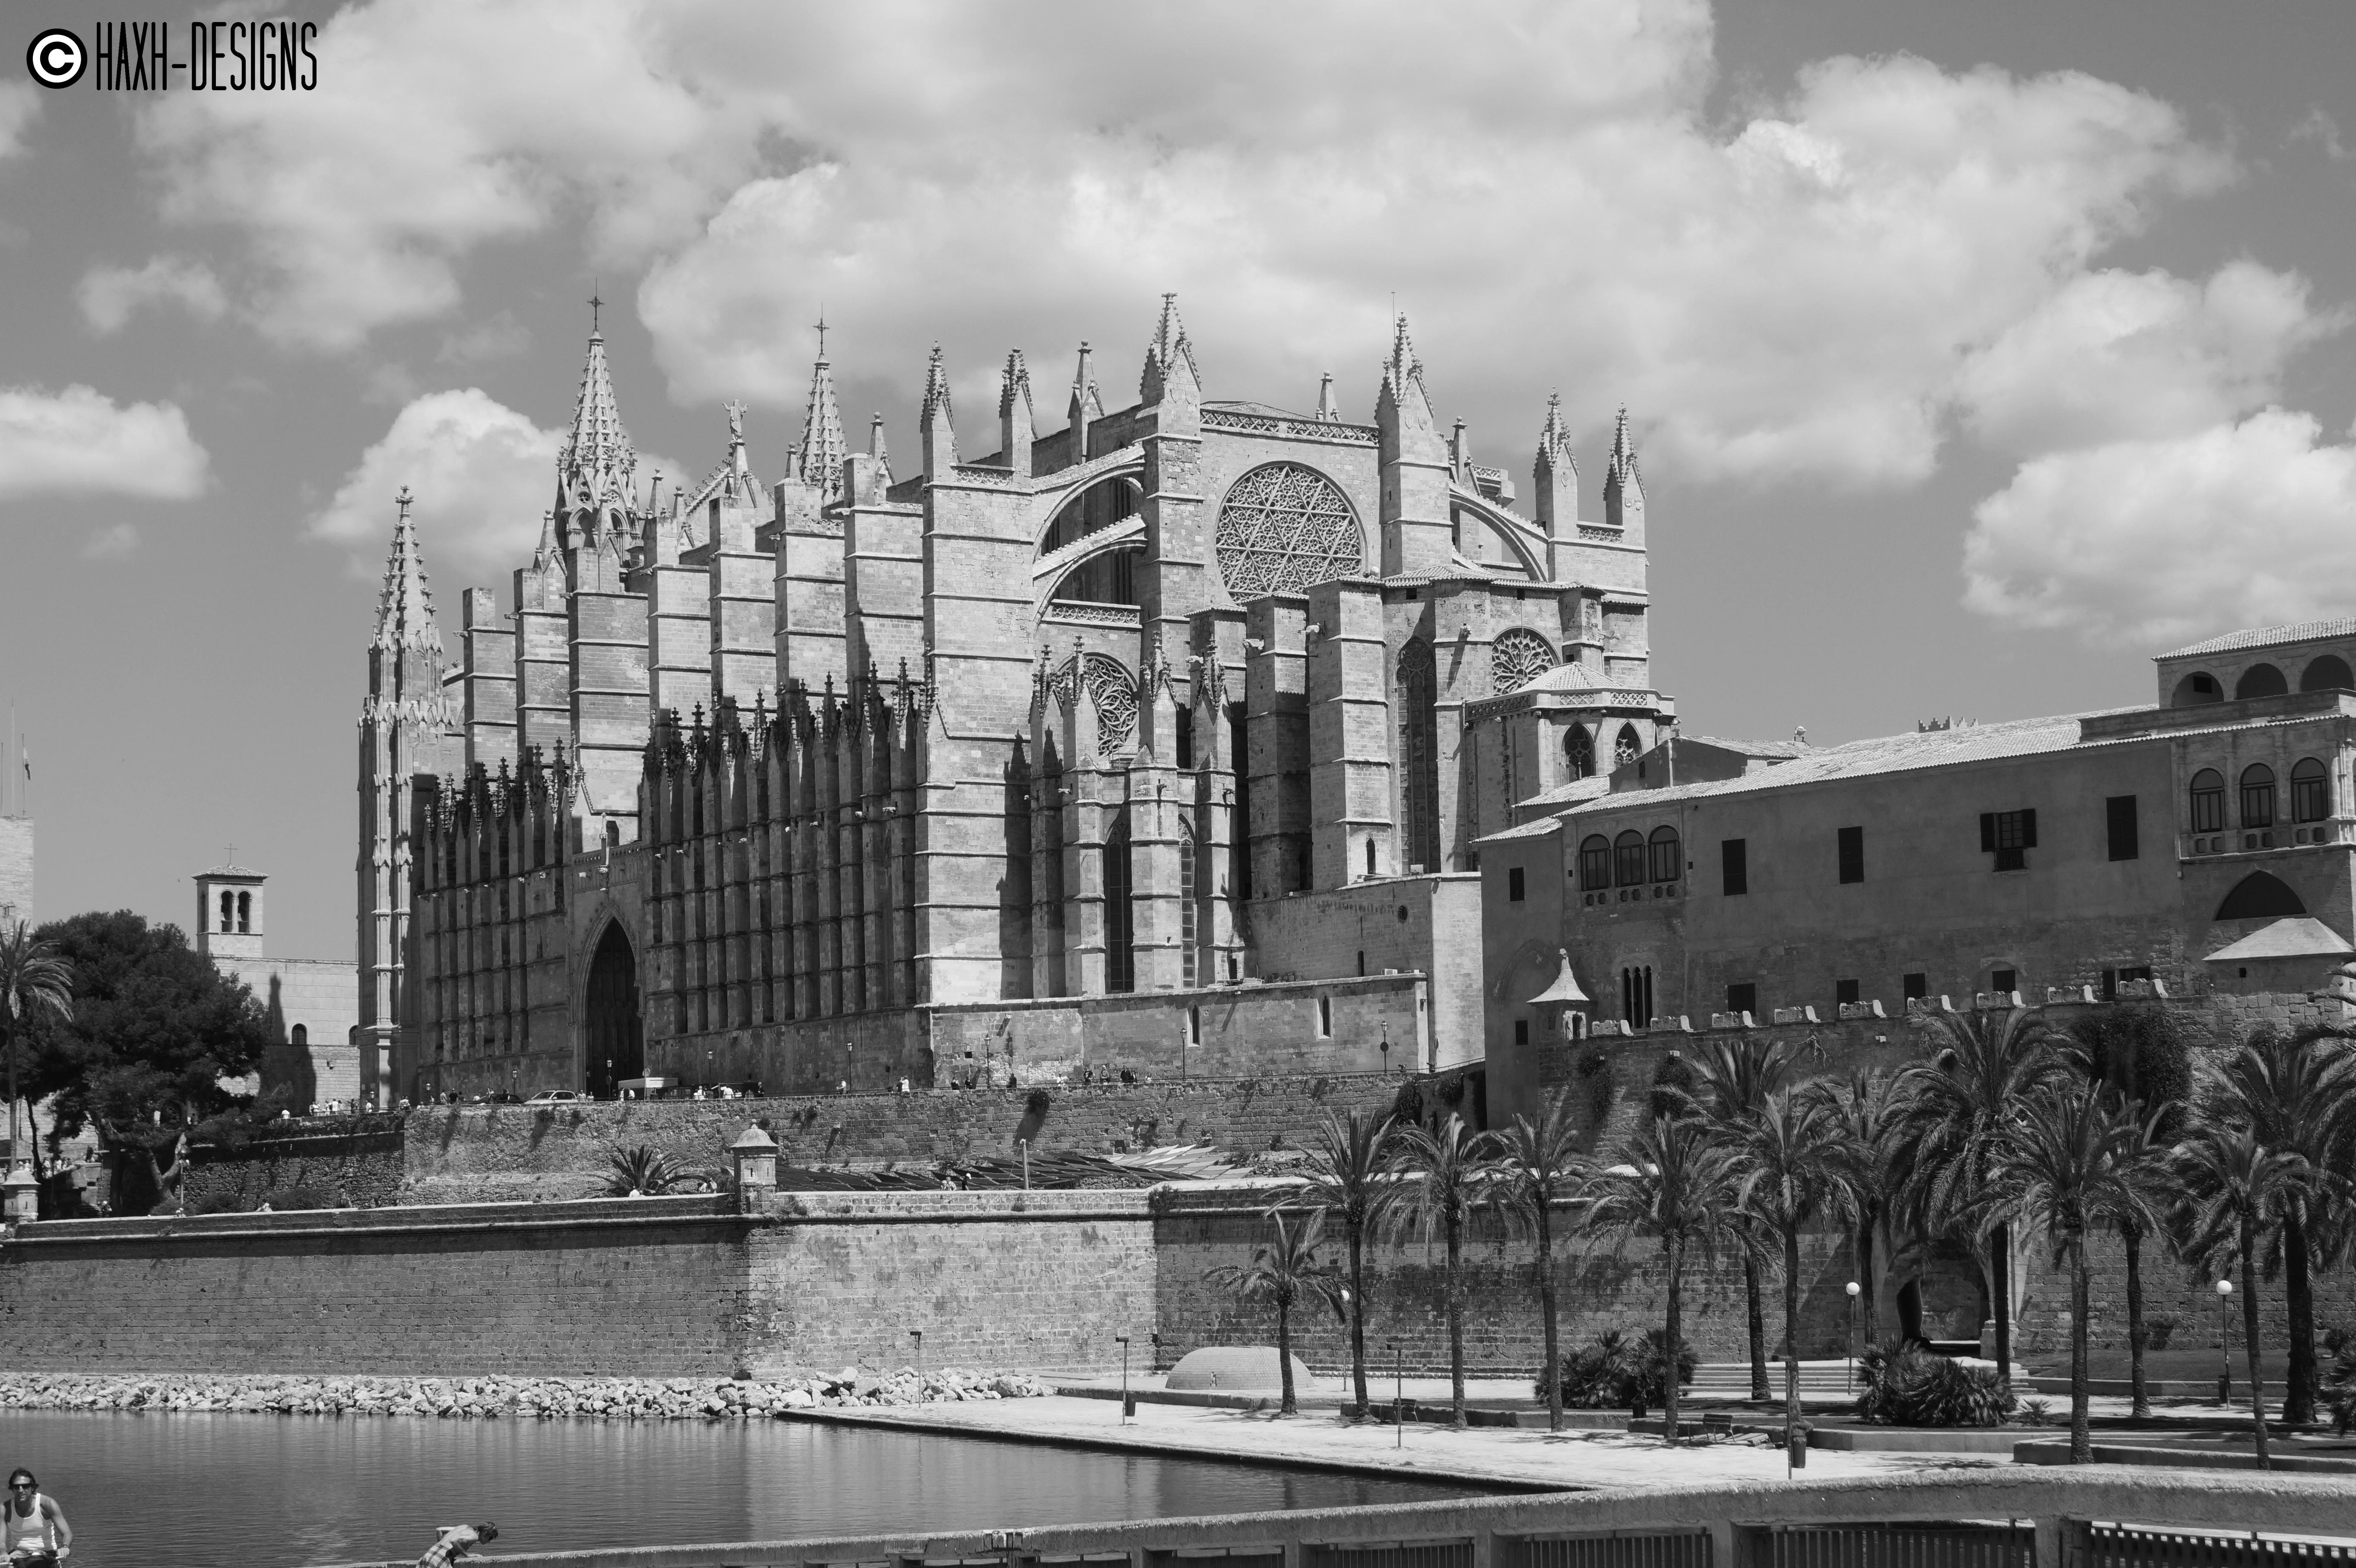 Catedral palma de mallorca fotograf a y tecnolog a - Fotografia palma de mallorca ...